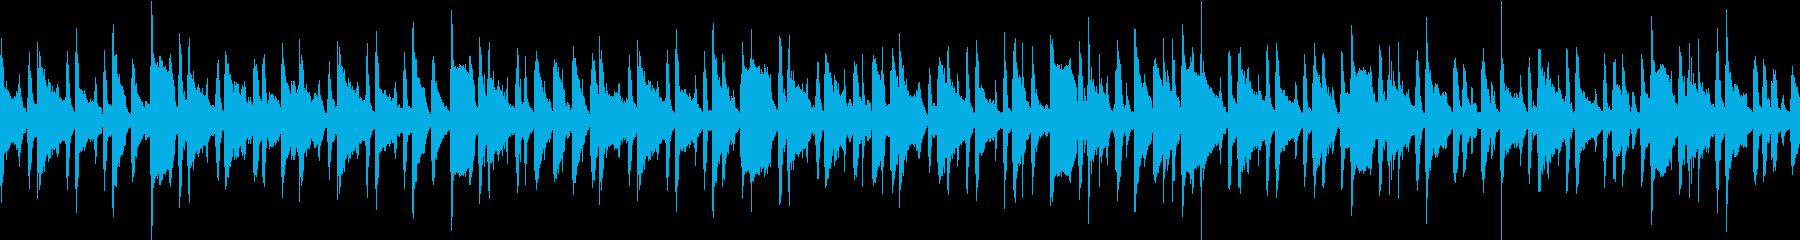 [ループ仕様]エレピが彩るボサノバの再生済みの波形